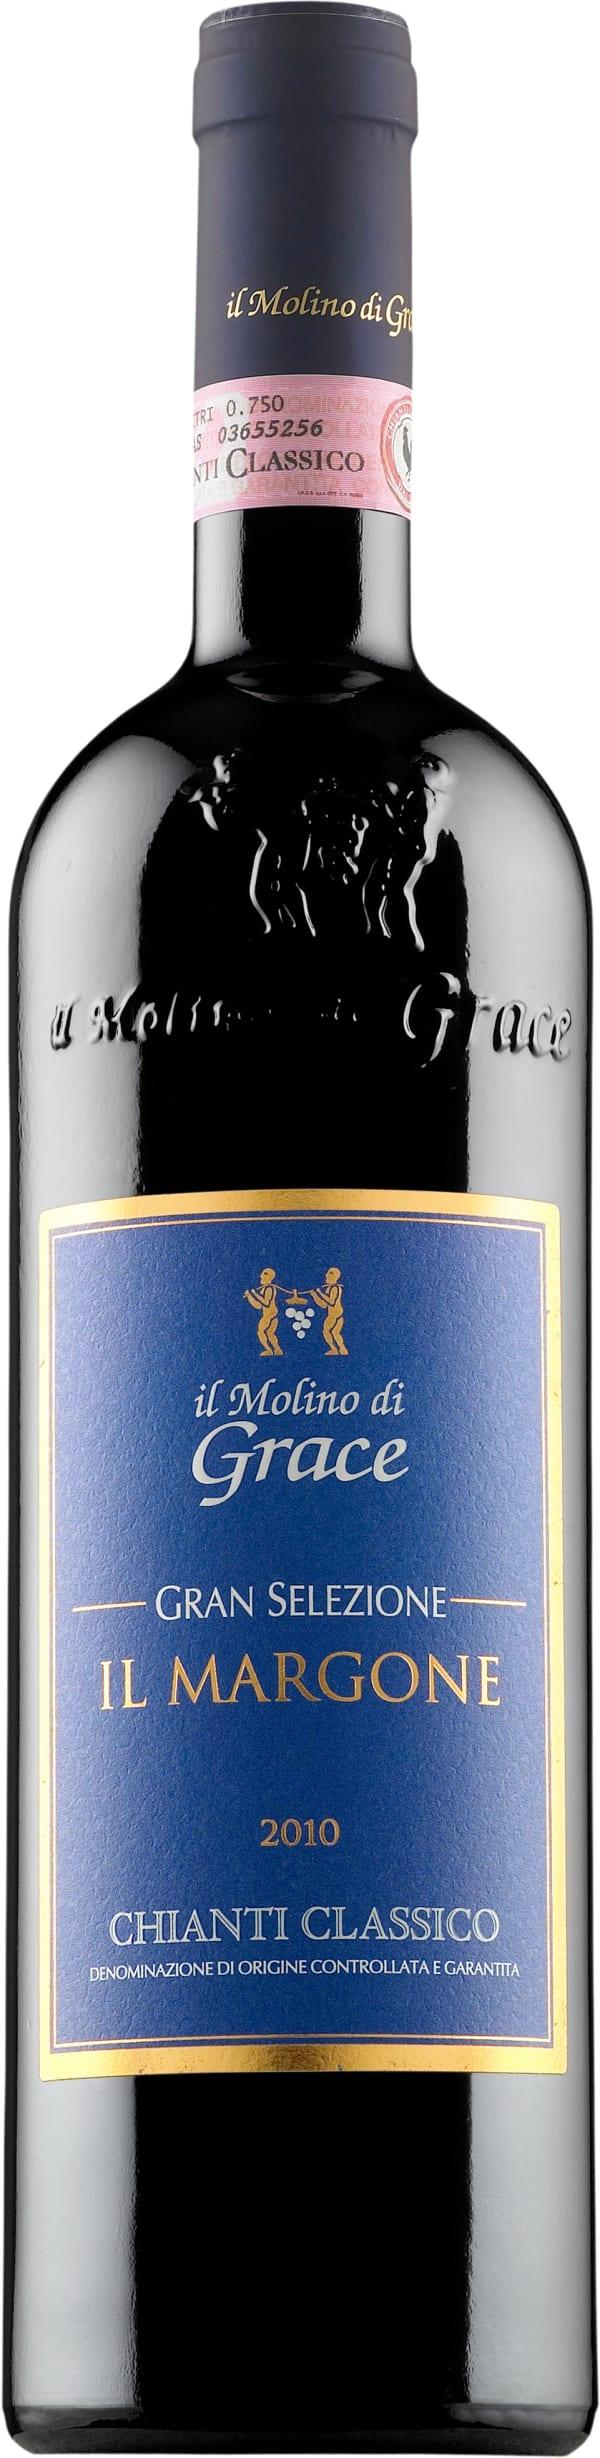 Il Molino di Grace Il Margone 2013